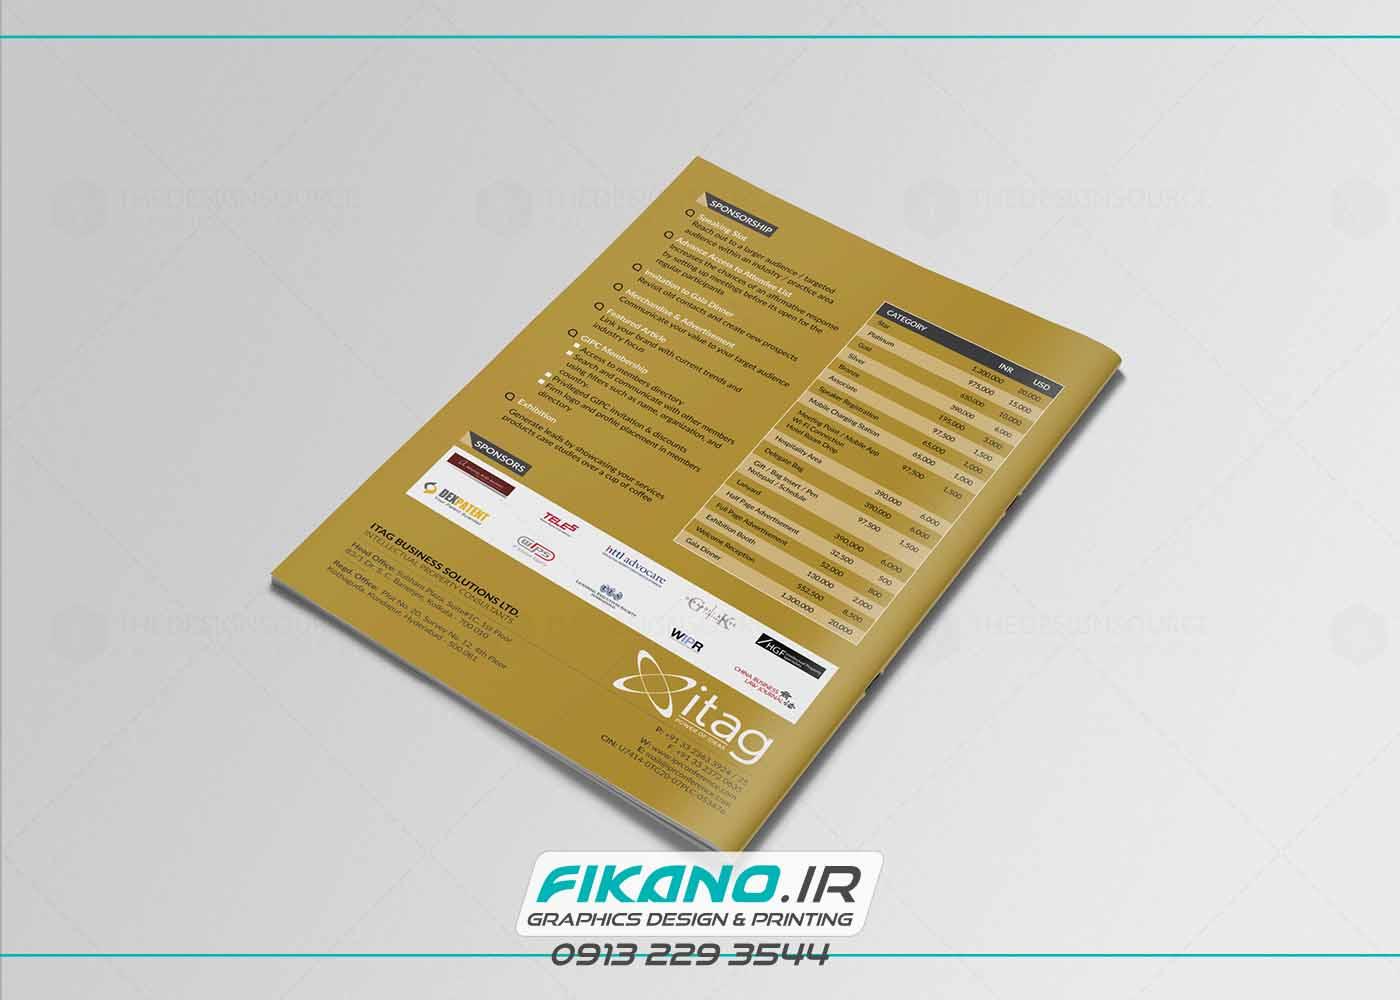 طراحی کاتالوگ - طراحی گرافیک و چاپ فیکانو wwwfikano.ir